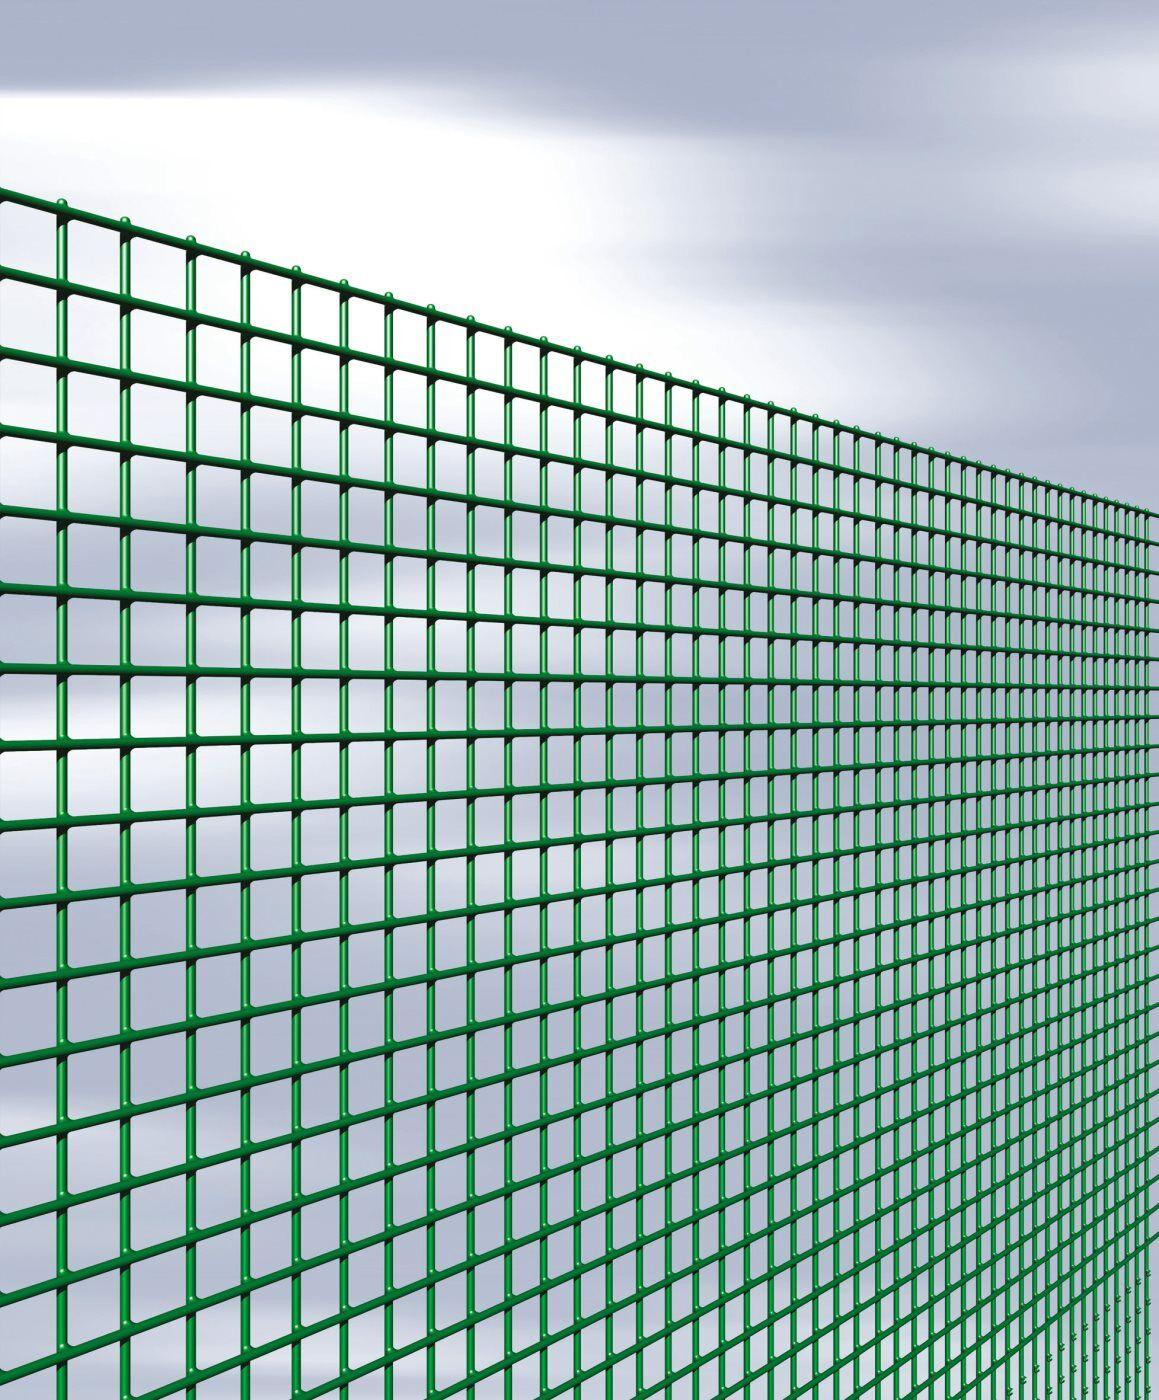 nbrand Quadraplast Rete Per Recinzione Elettrosaldata E Plastificata Maglia Quadrata 12x12 Mm Altezza 80 Cm Rotolo Da 25 Metri